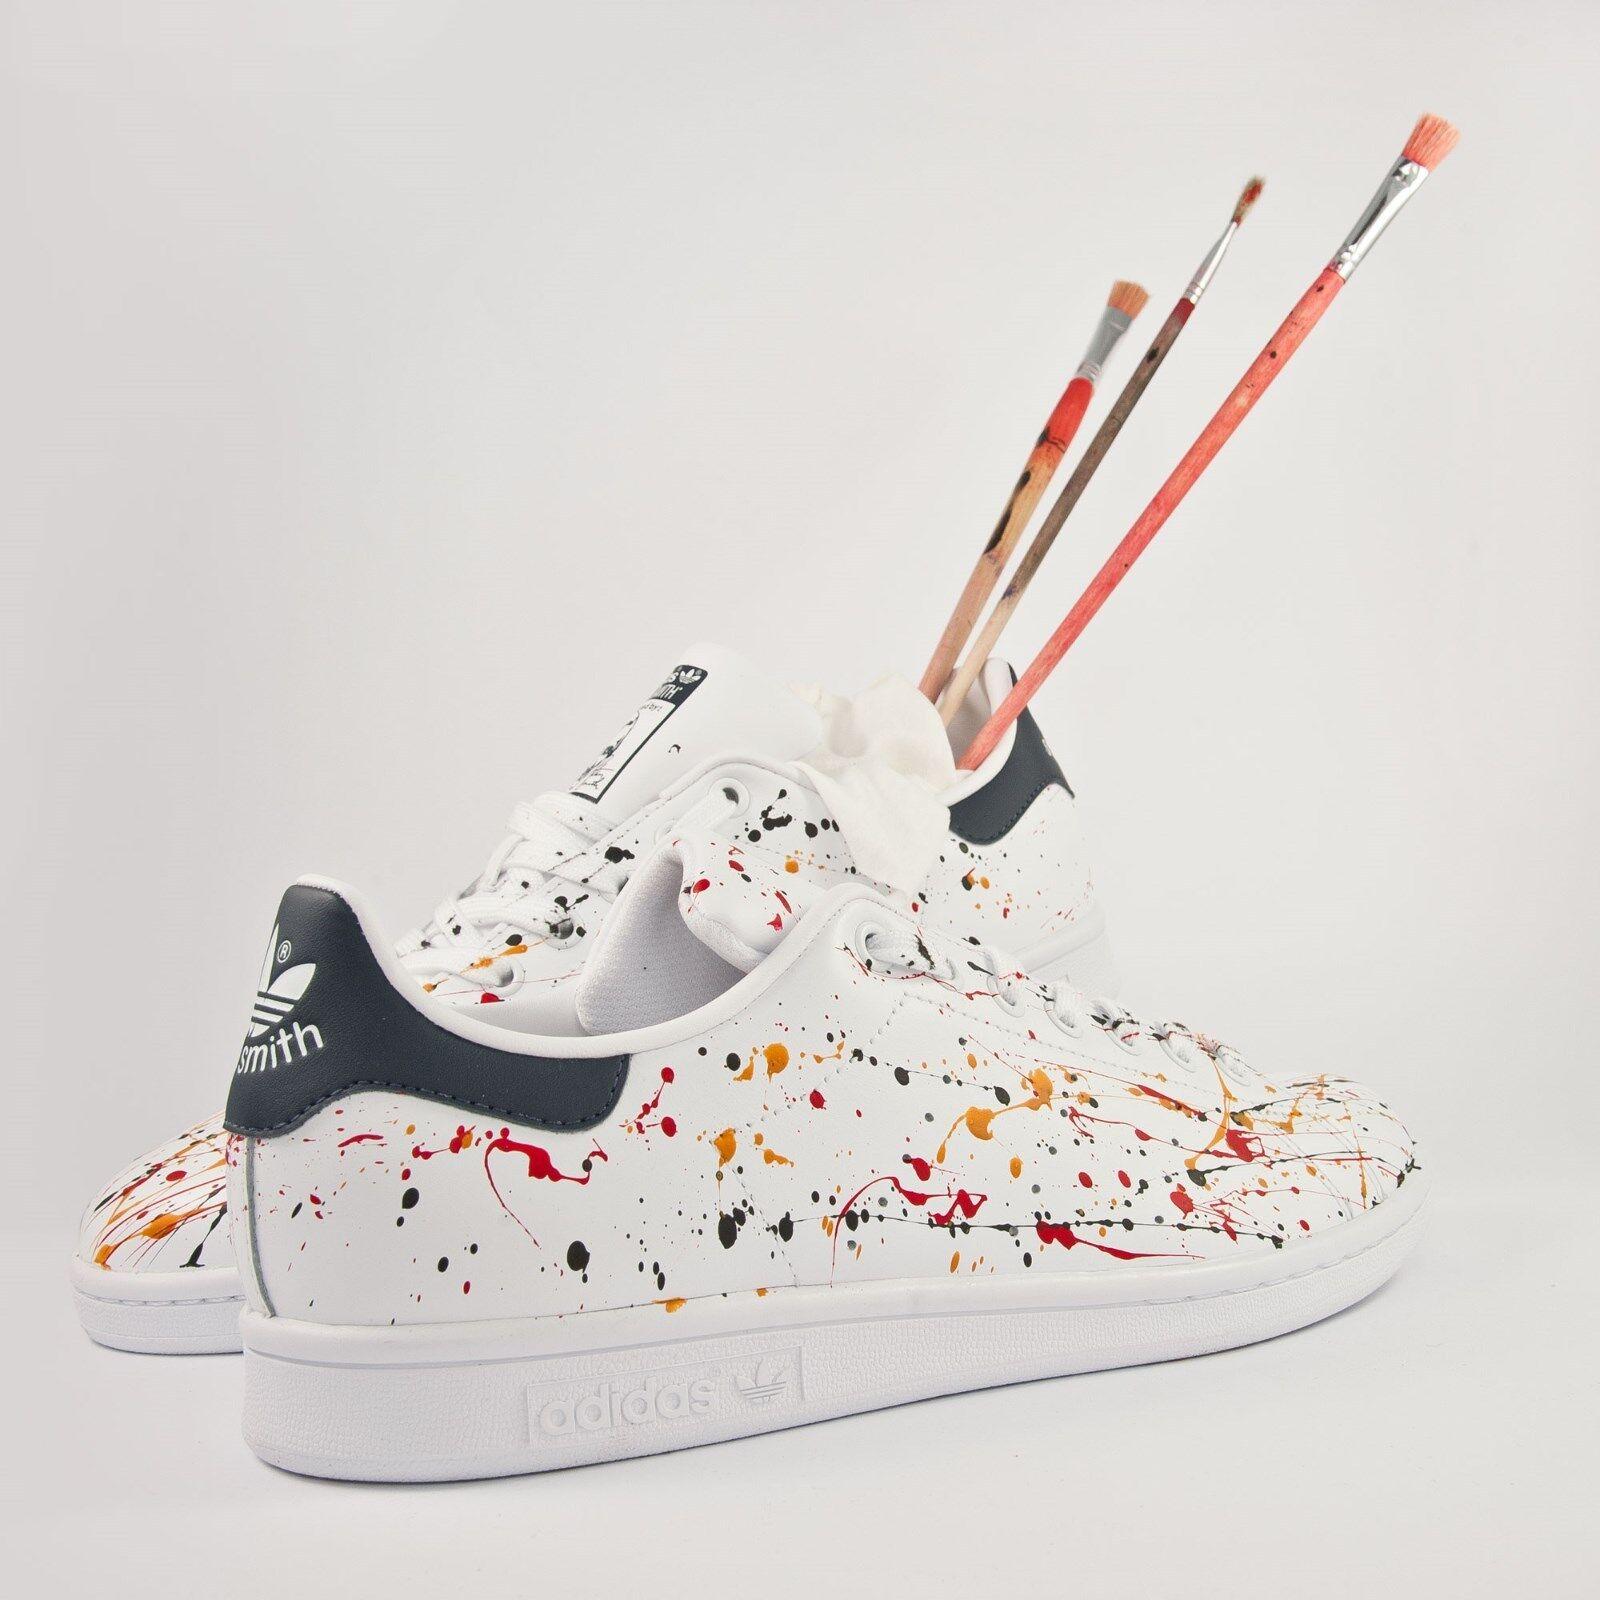 scarpe adidas colorata stan smith con spruzzatura colorata adidas 1b94b9